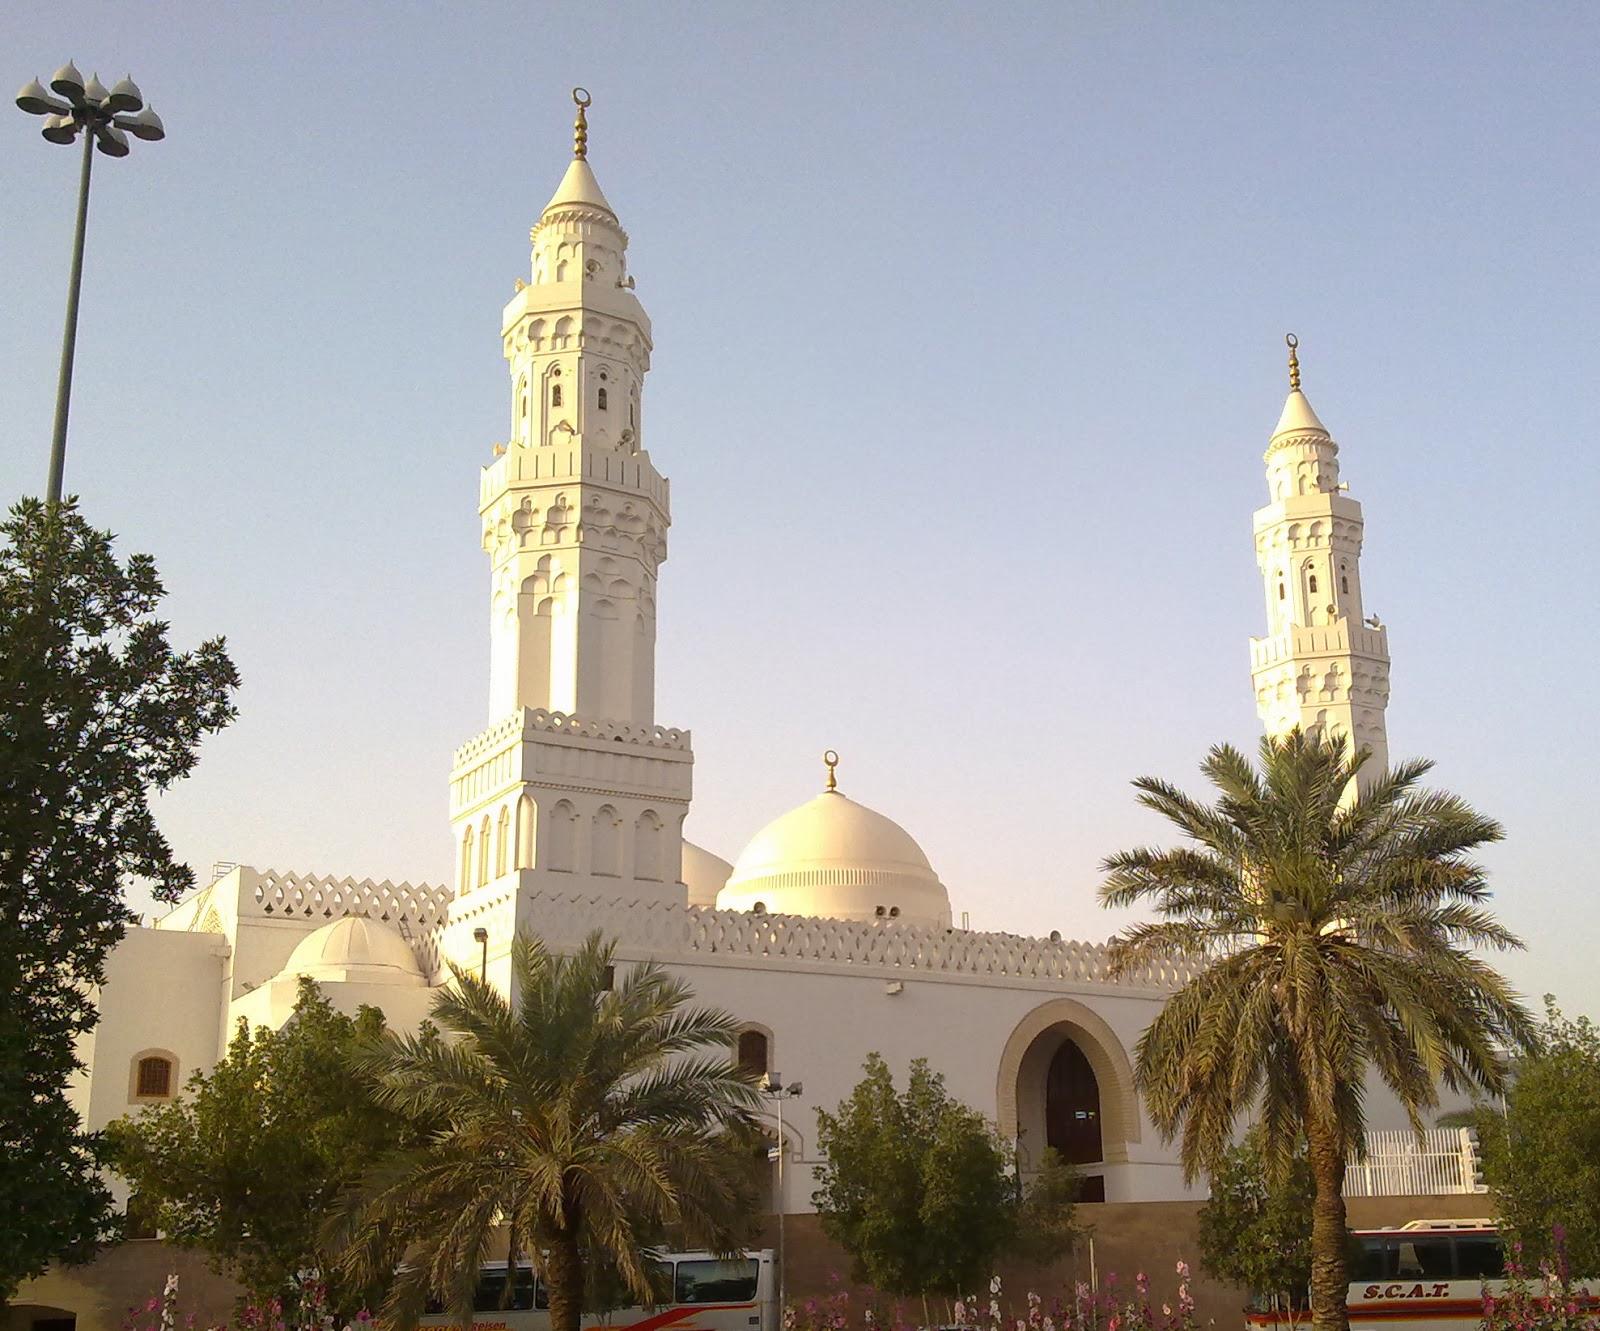 Masjid Qiblatayn, Madinah, Saudi Arabia